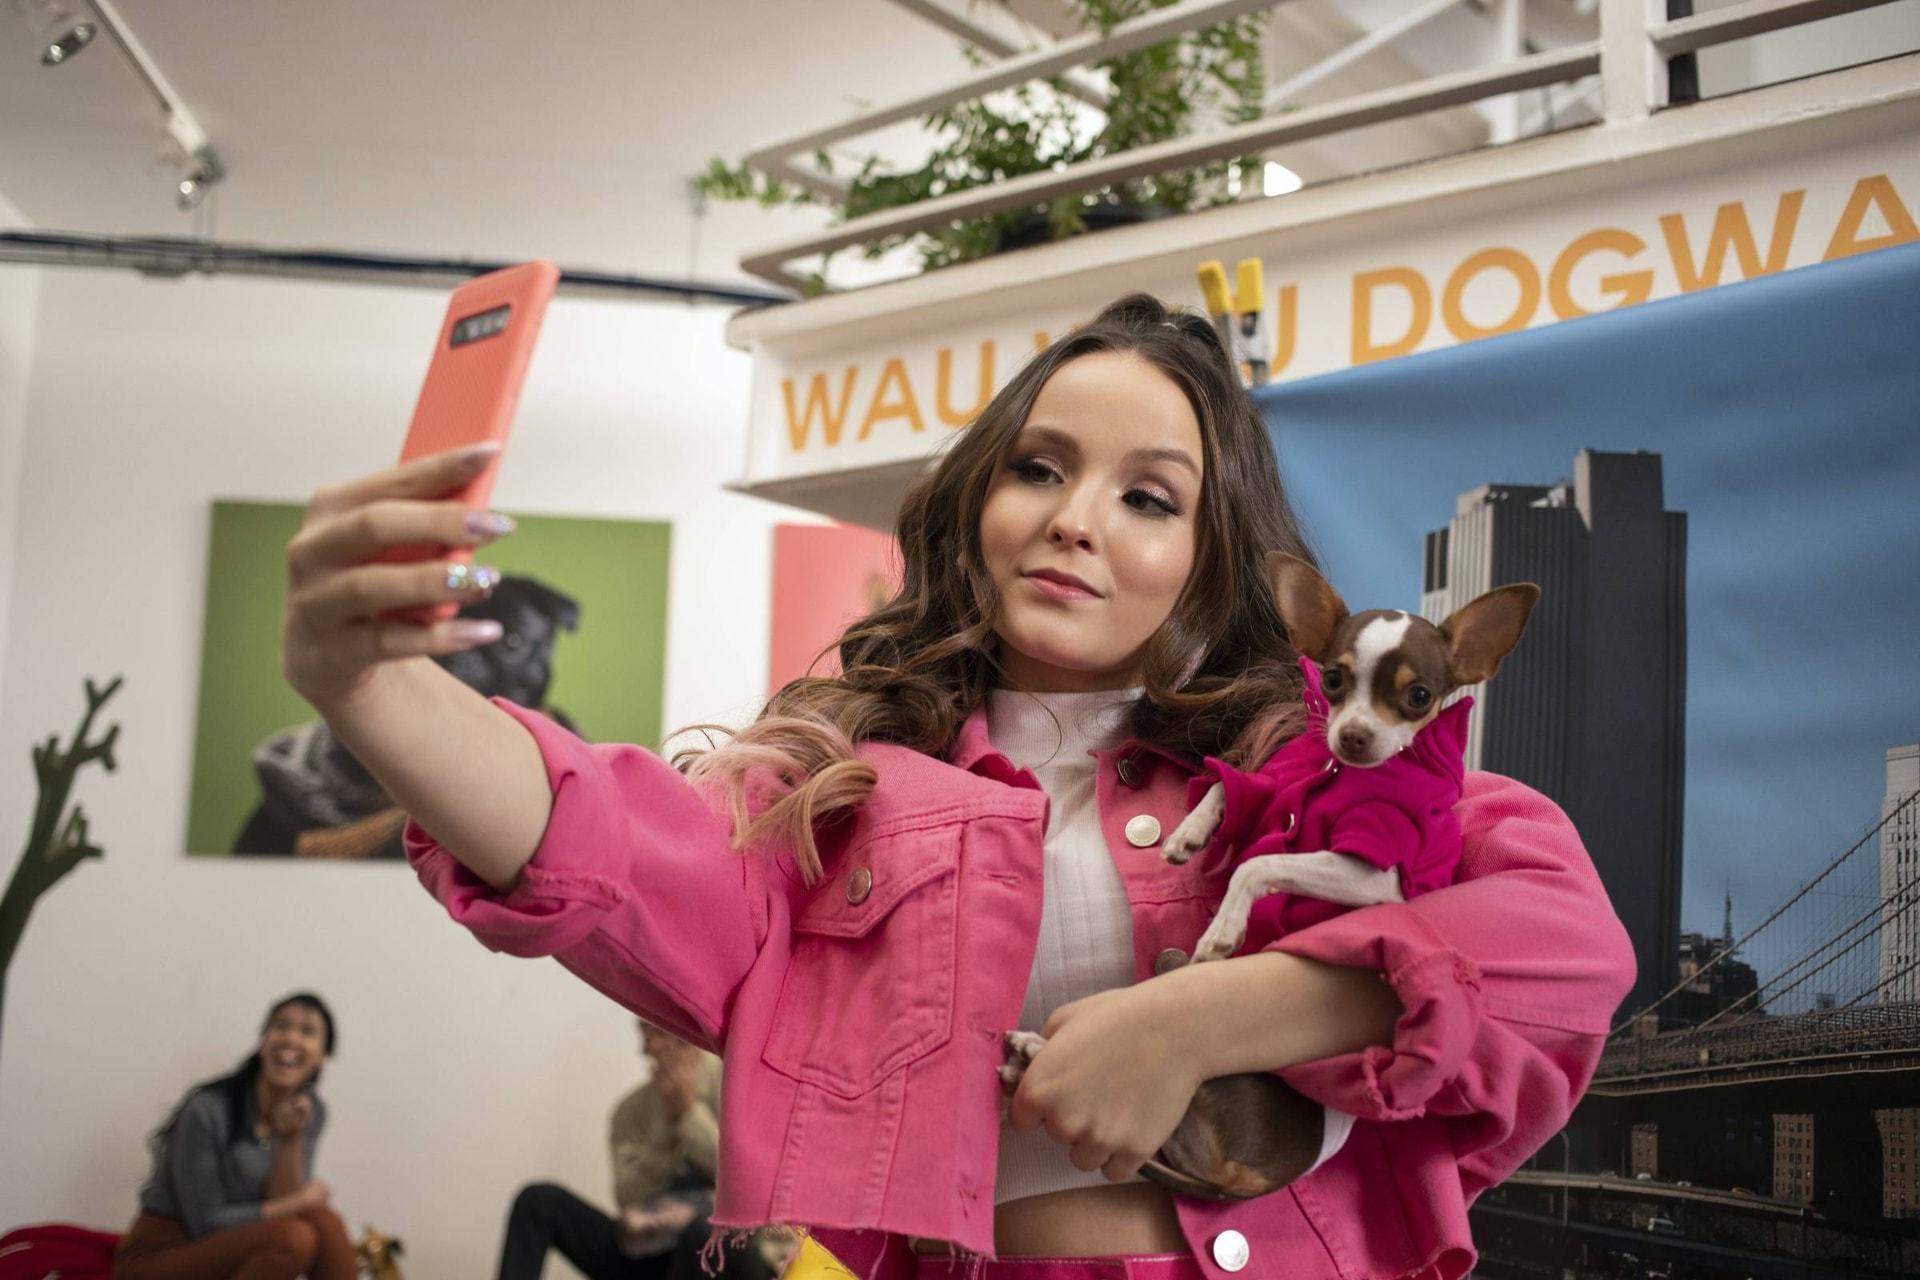 Modo avião, com Larissa Manoela, dá uma bugada ao abordar vício em celulares e redes sociais